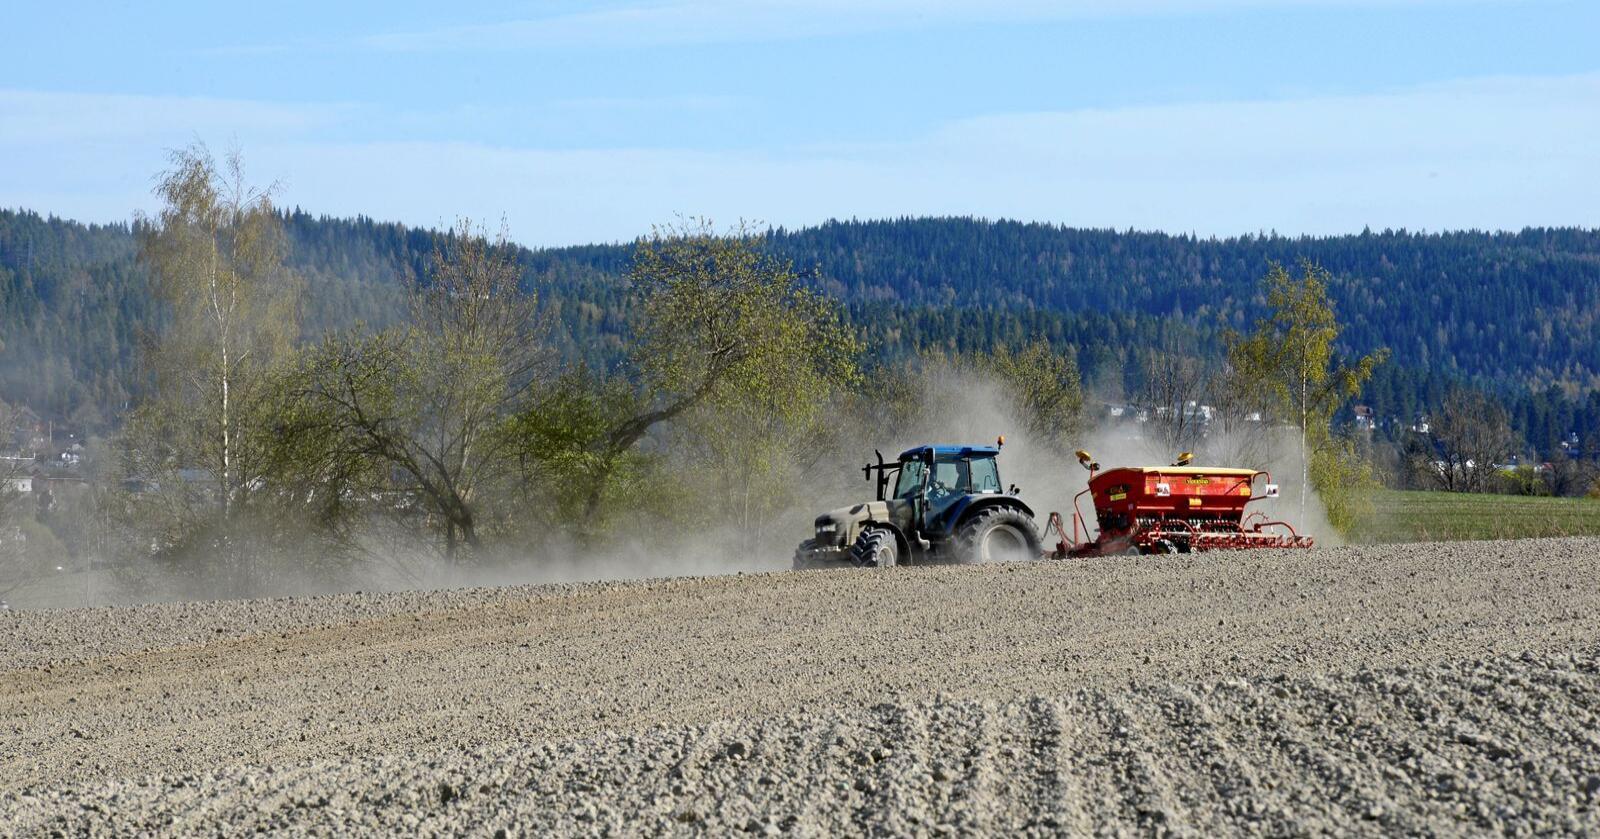 Neste års jordbruksoppgjør vil være rett tidspunkt for å utnytte jordbrukets stigende i kurs i samfunnet, mener Bjørn Iversen. Foto: Mariann Tvete